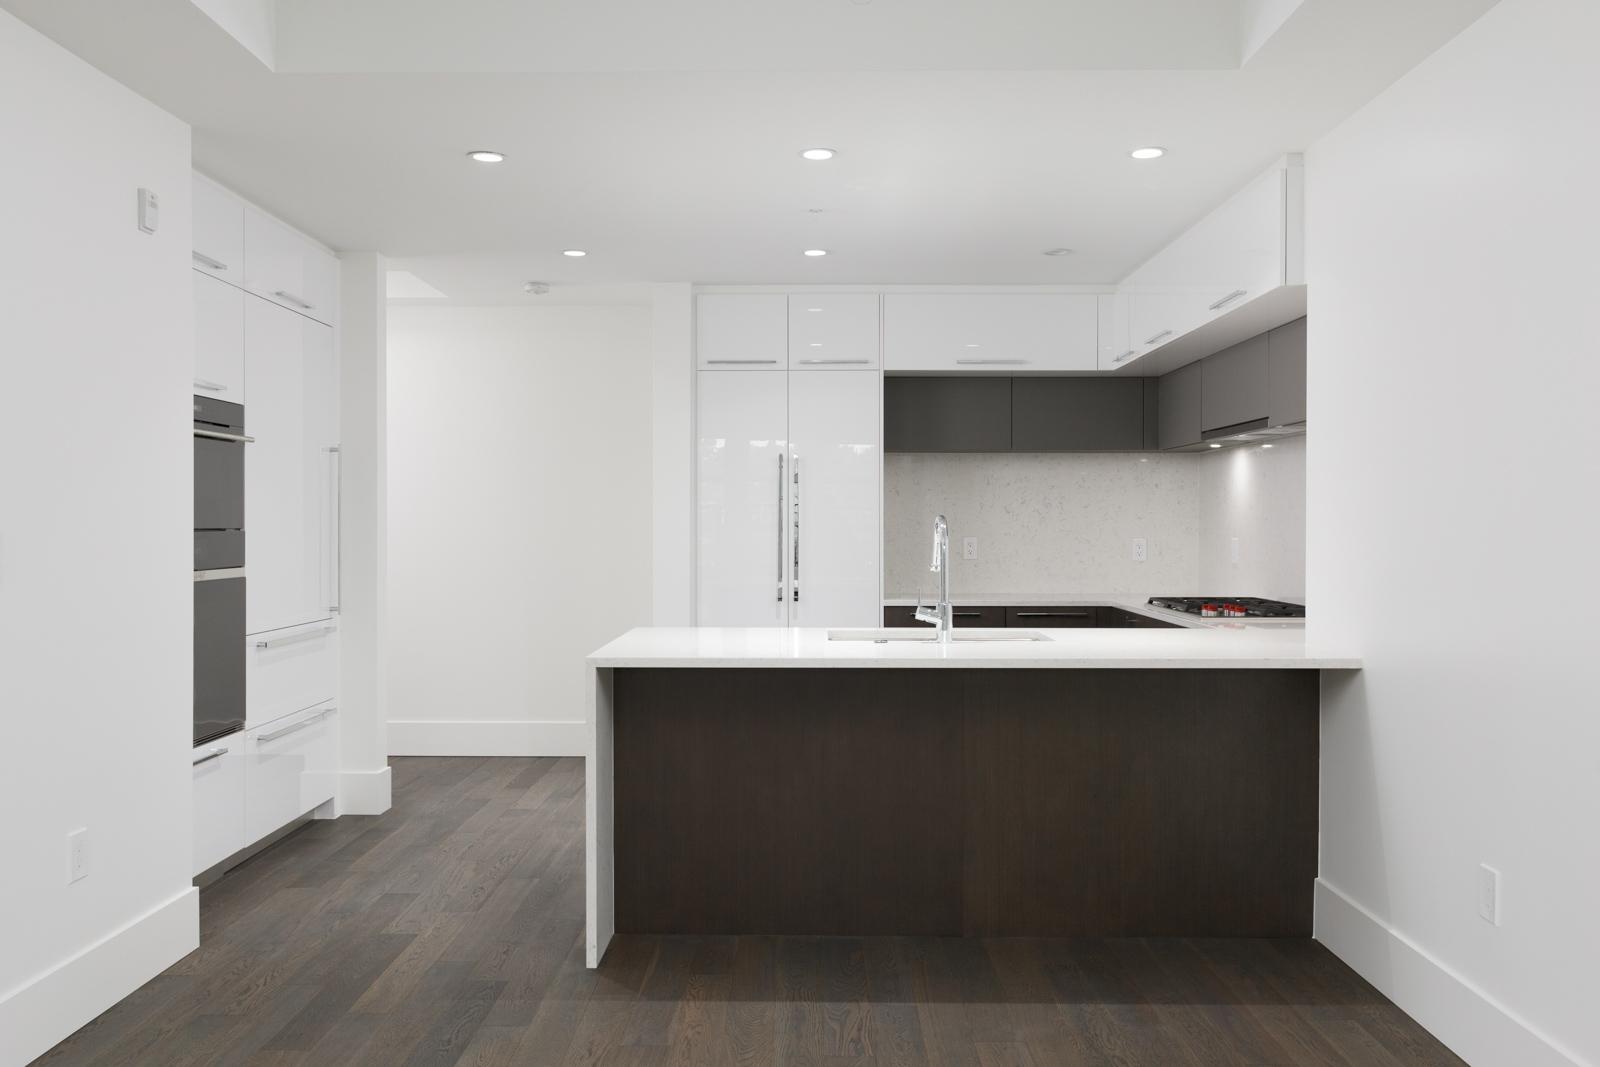 Condo kitchen with dark hardwood floors and quartz countertops in rental property in The Kirkland